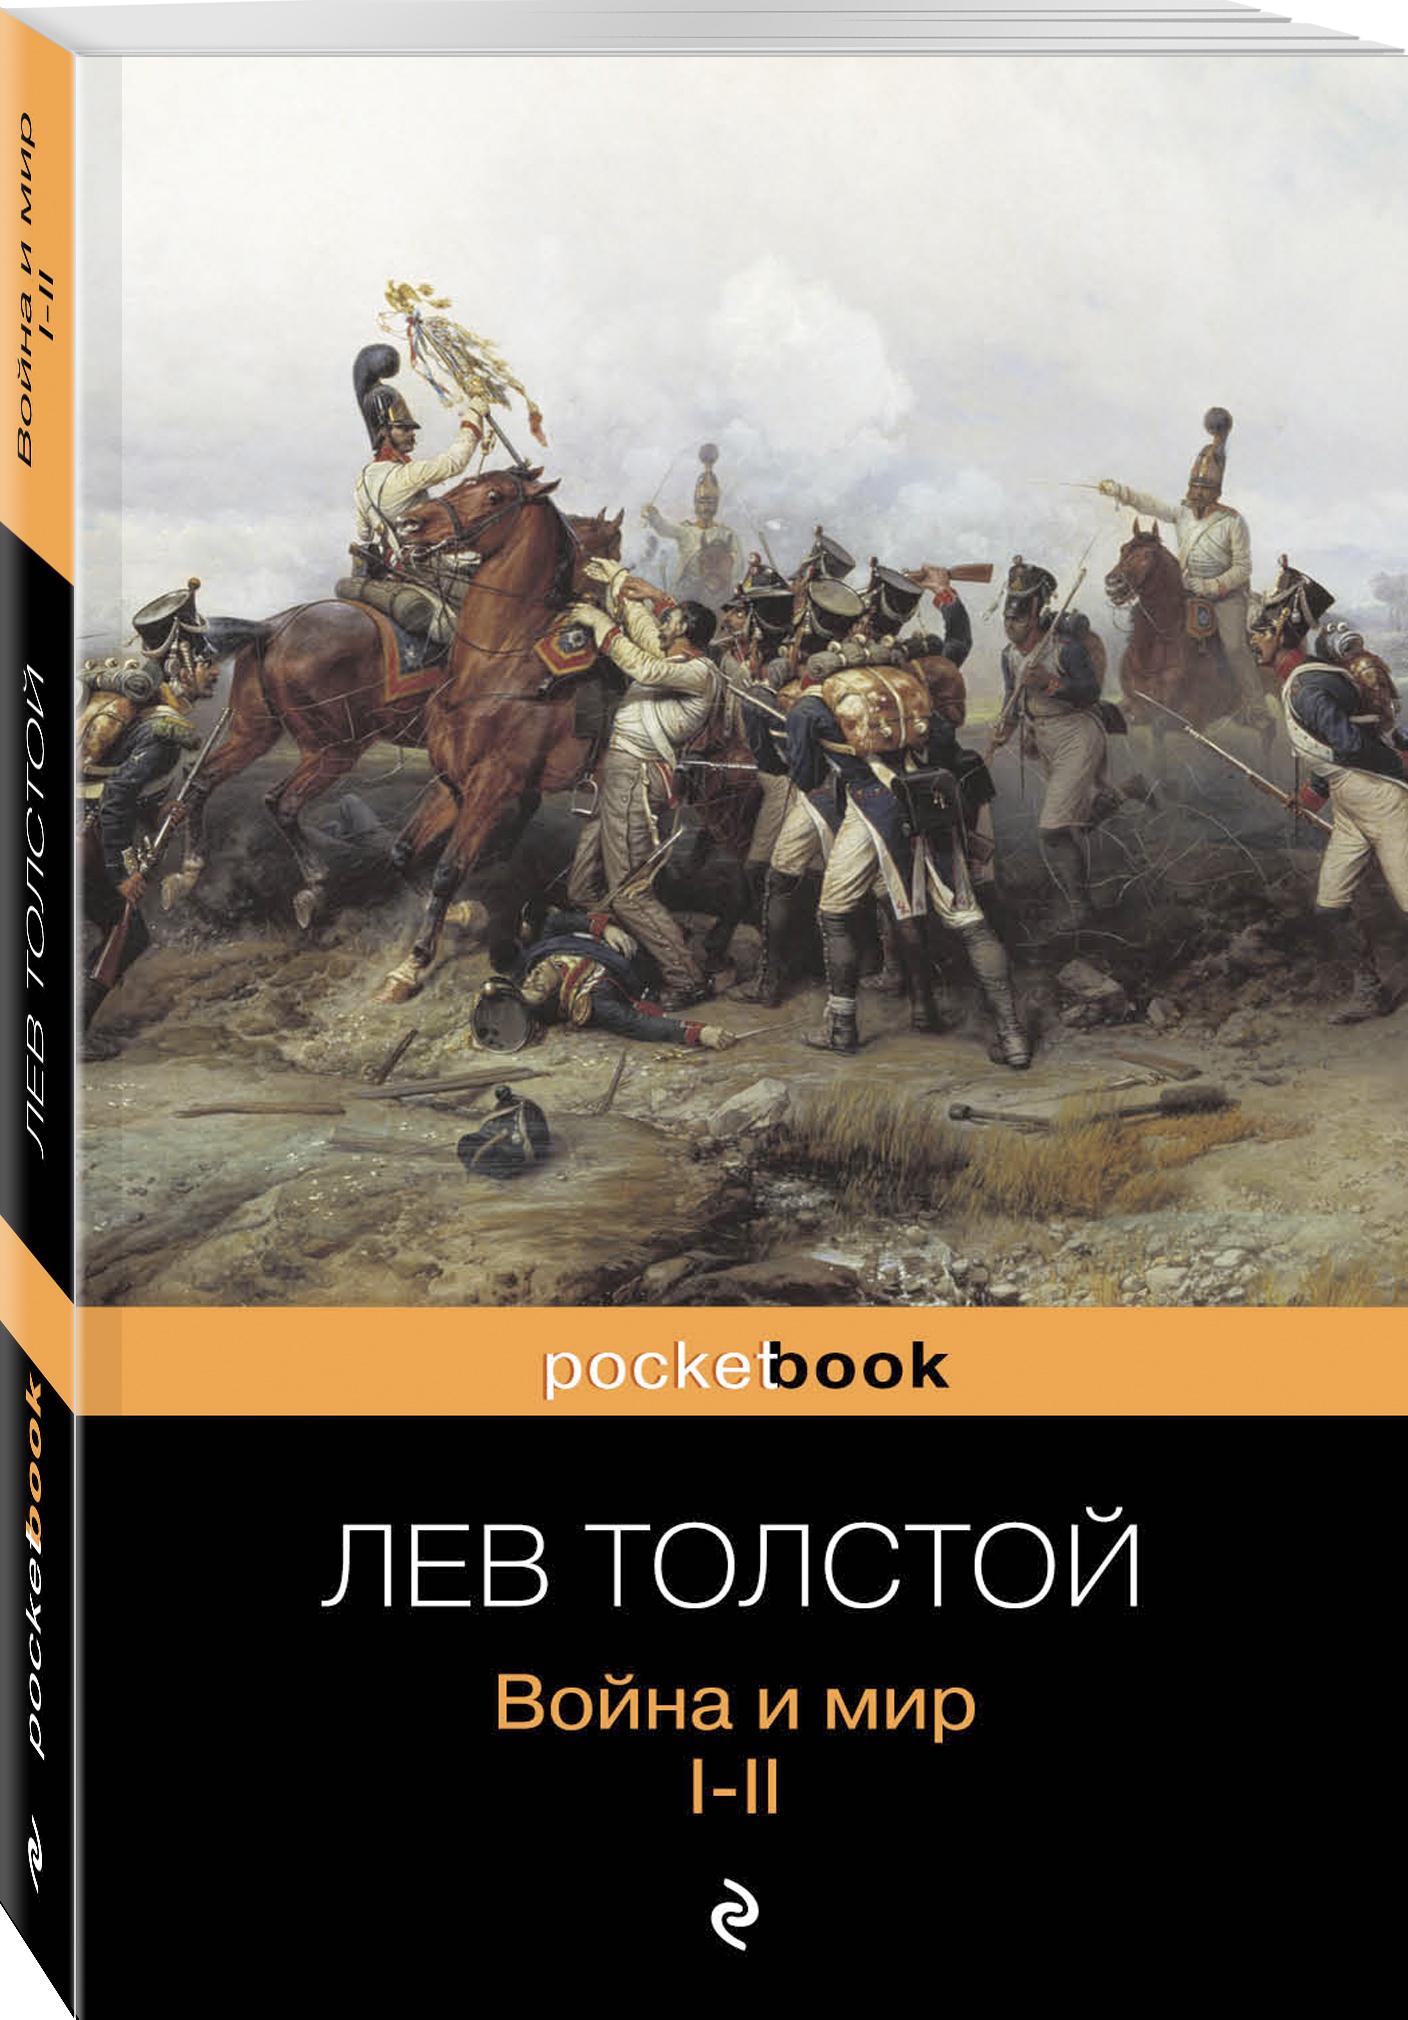 Война и мир. I-II ( Лев Толстой  )